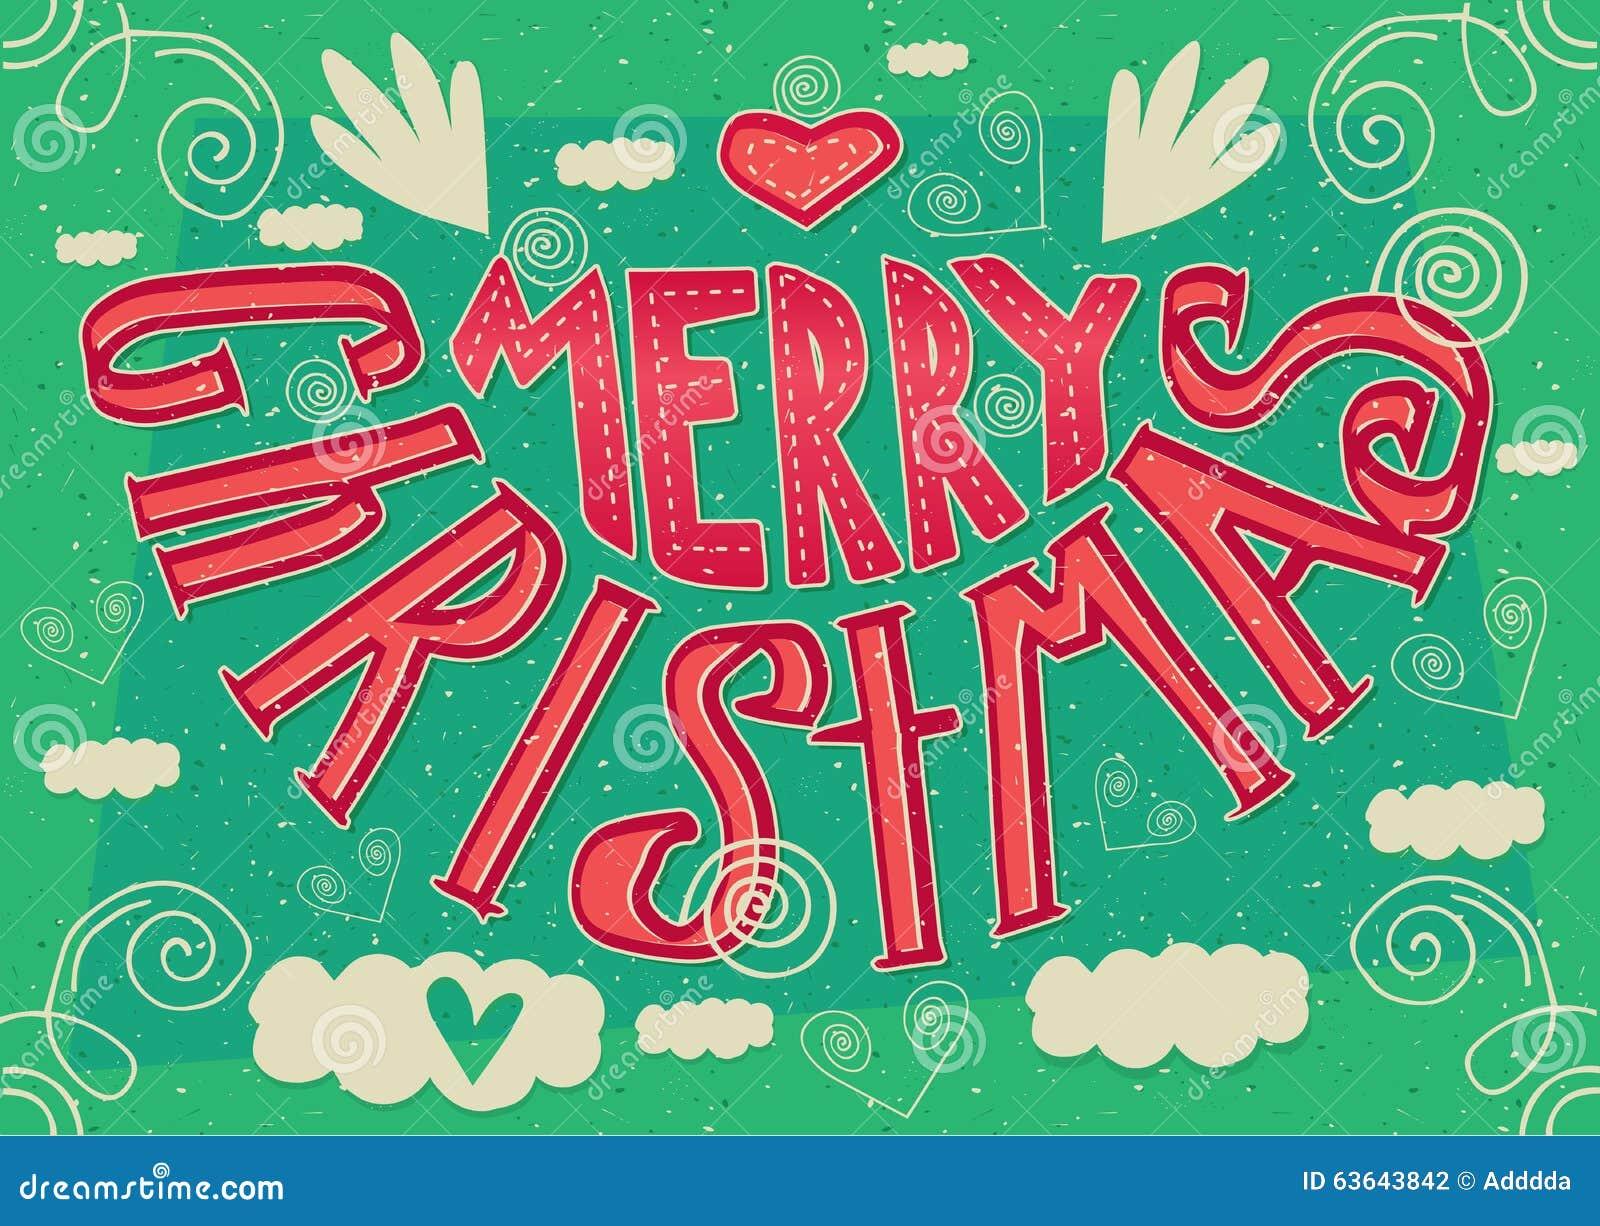 Auguri Di Natale 105.Buon Natale Fatto A Mano Della Cartolina Illustrazione Vettoriale